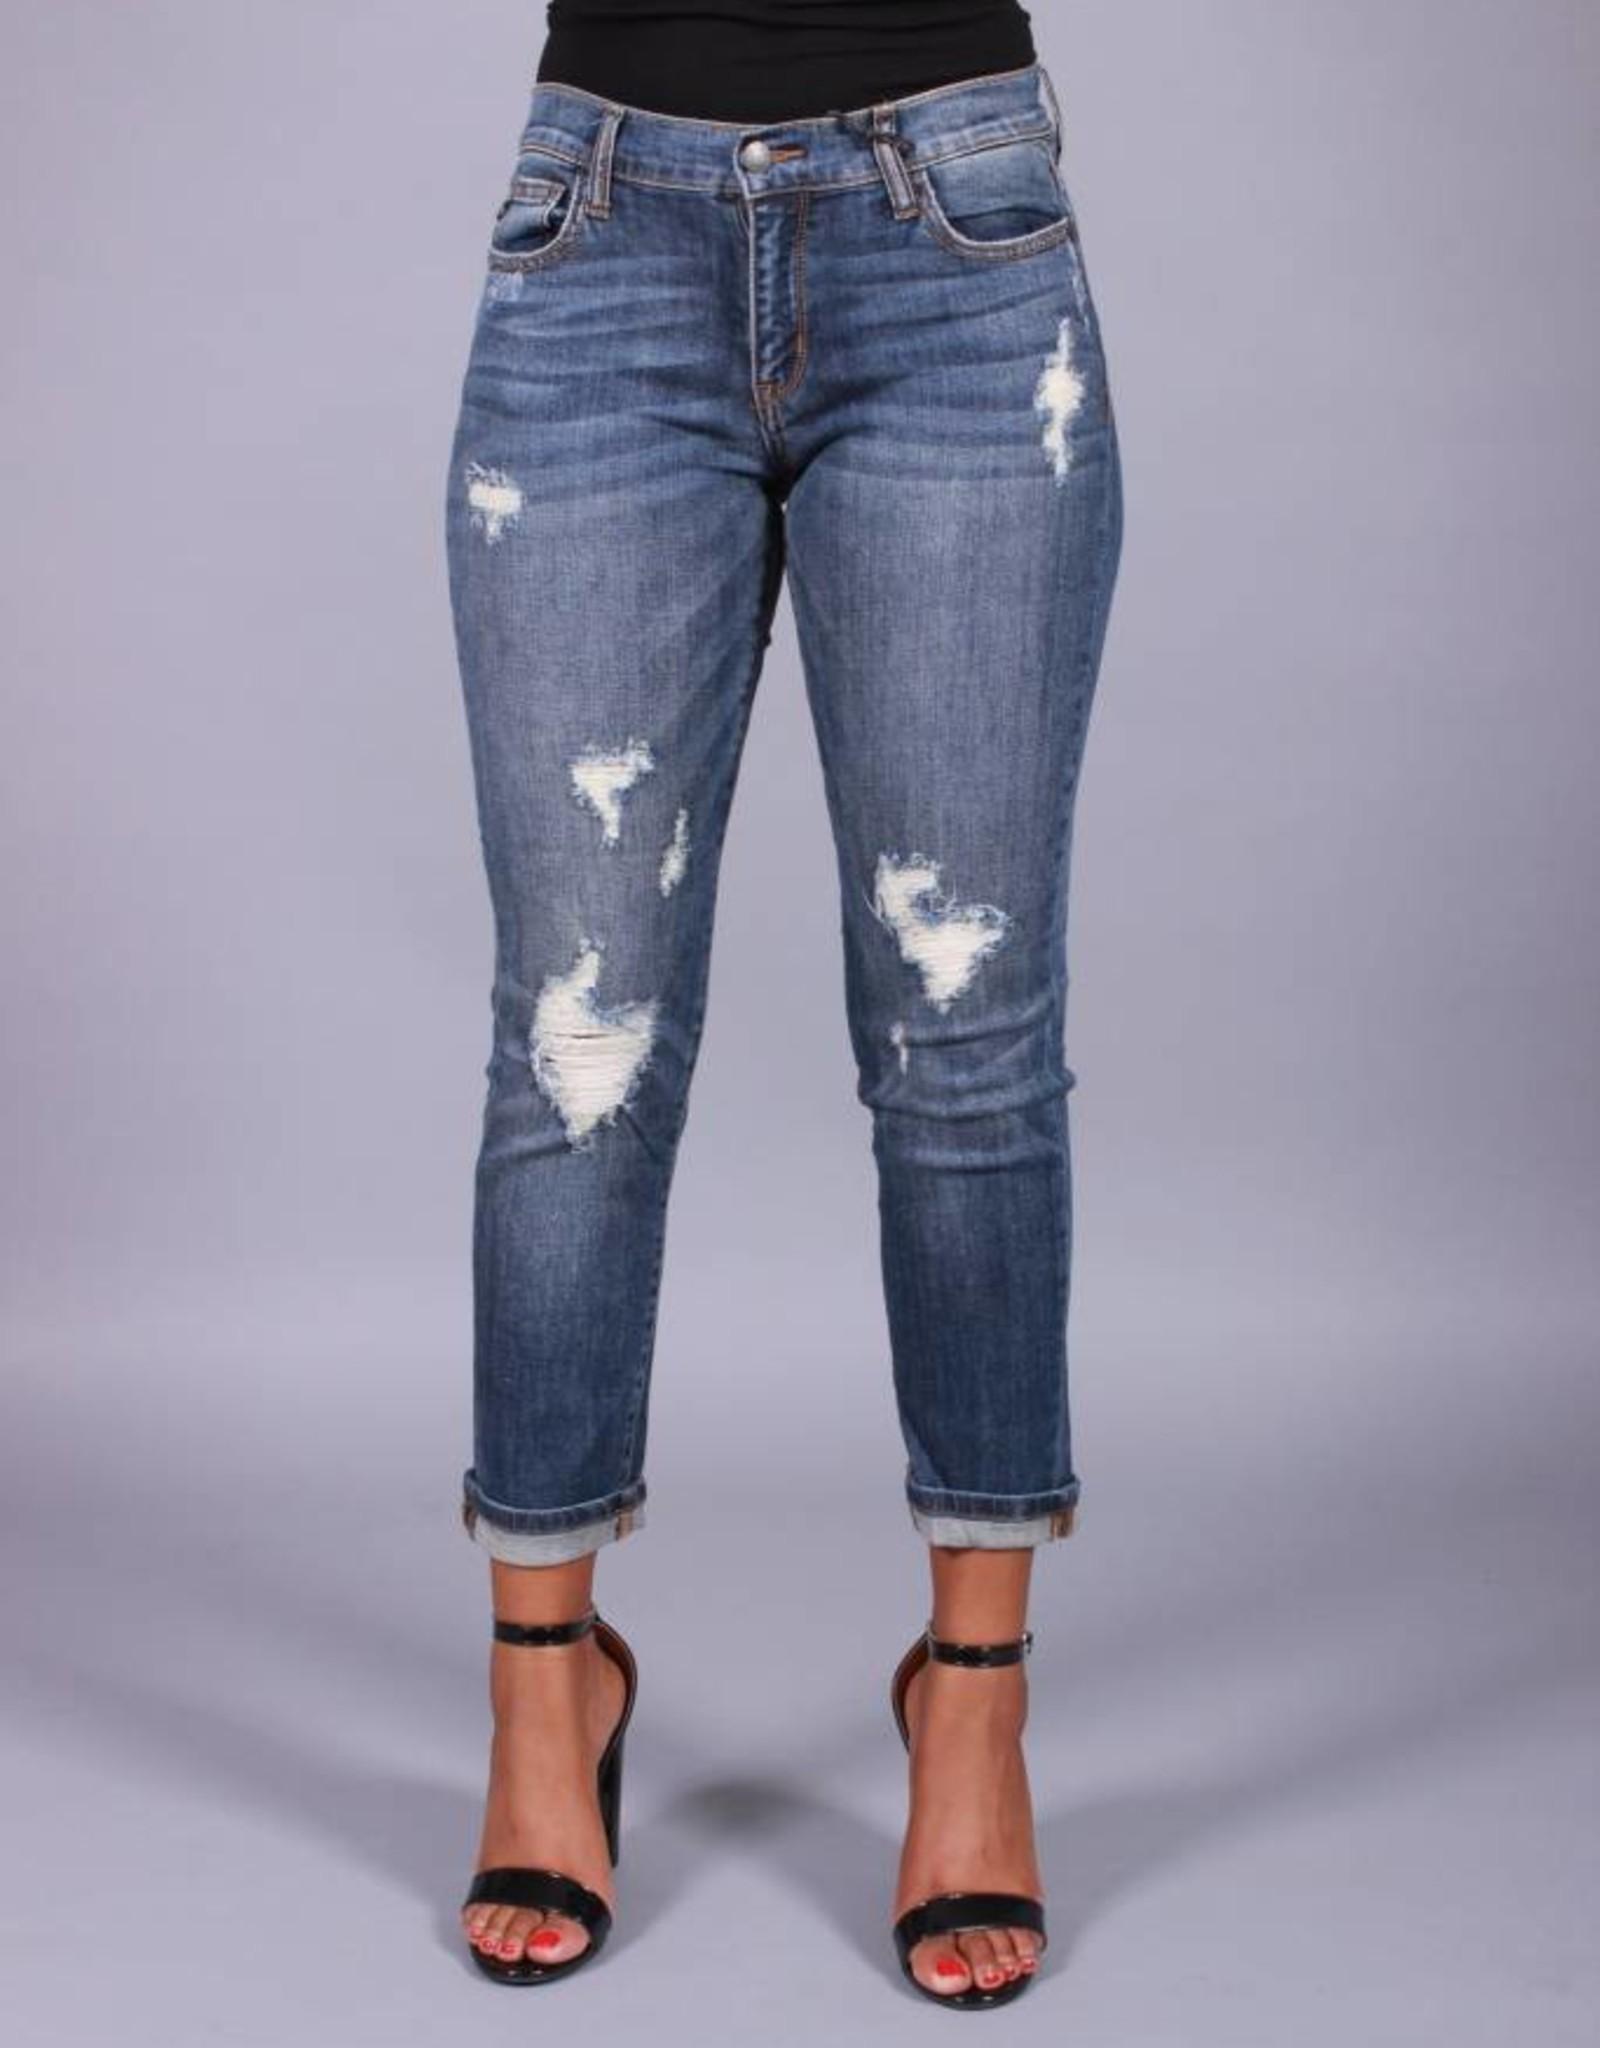 Chillax Distressed Jeans